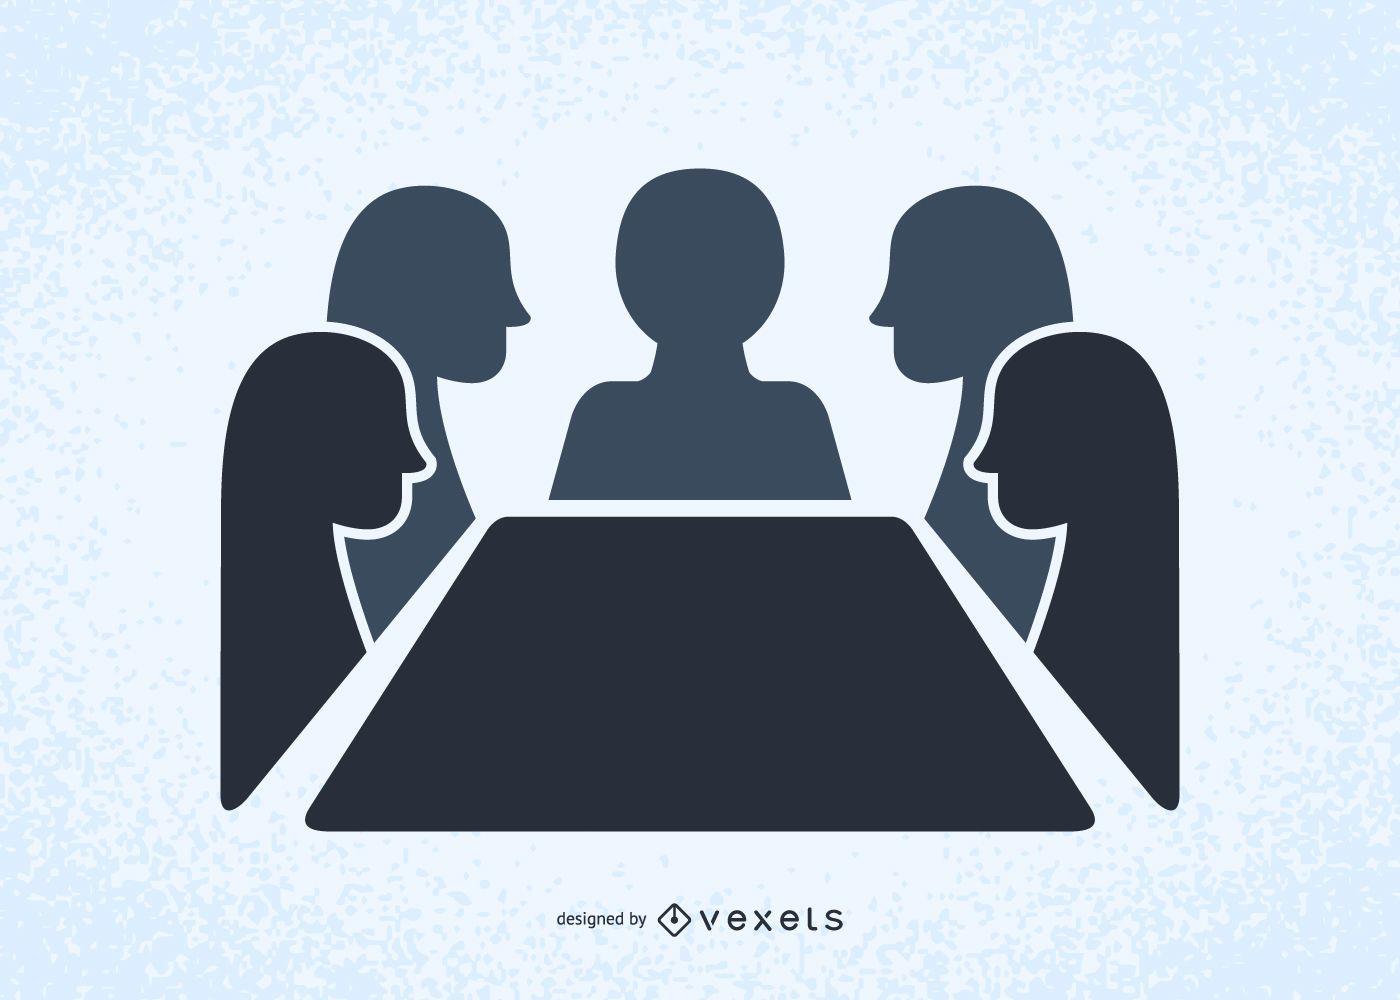 Personas en una reunión ilustraron siluetas